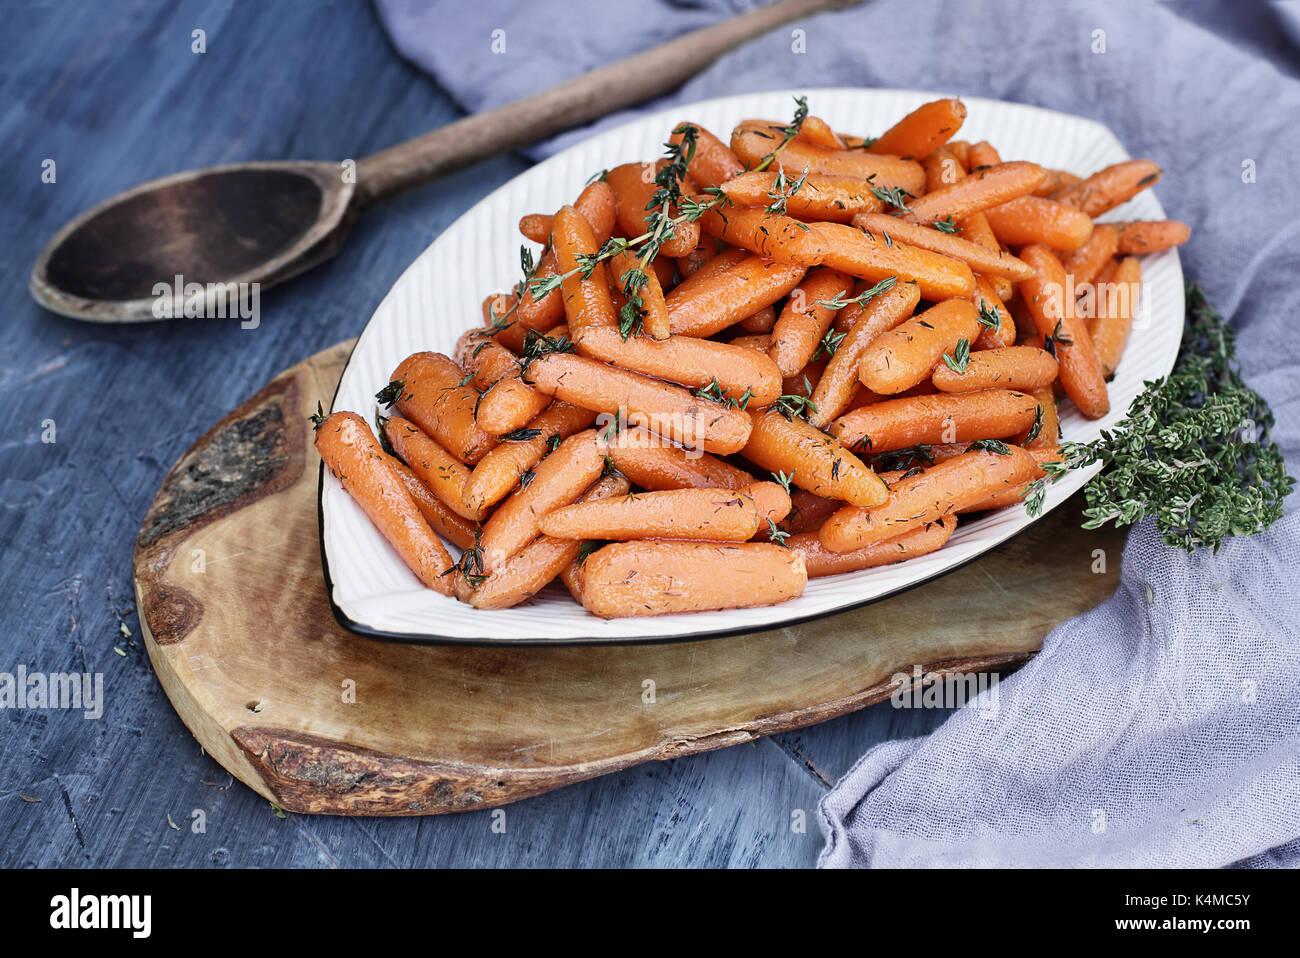 Jeunes carottes glacées au miel avec une vieille cuillère en bois rustique et le thym. L'extrême profondeur de champ avec l'accent sur les carottes en premier plan. Photo Stock